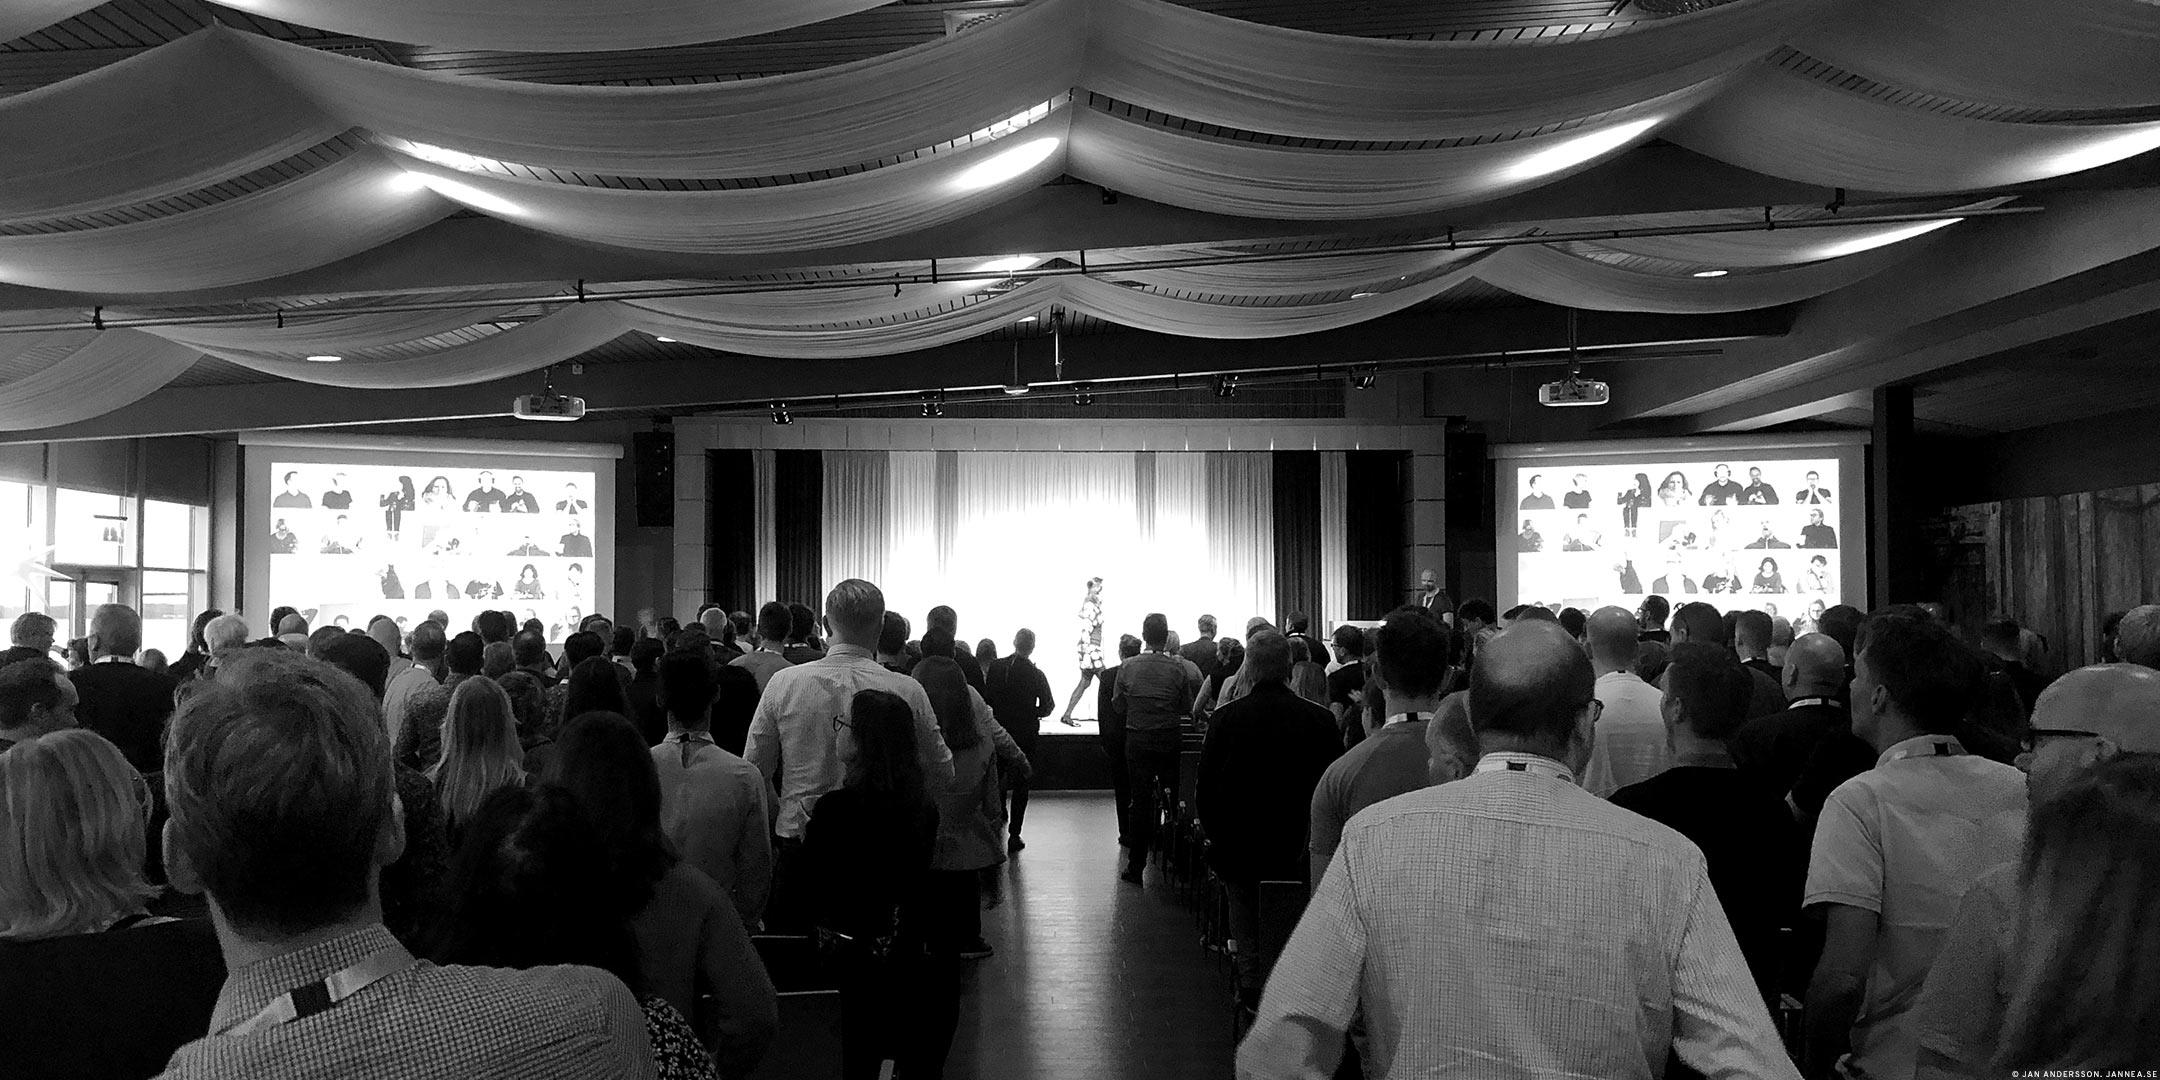 Kickstartad morgon och en dag fylld av föreläsningar och människor |©Jan Andersson